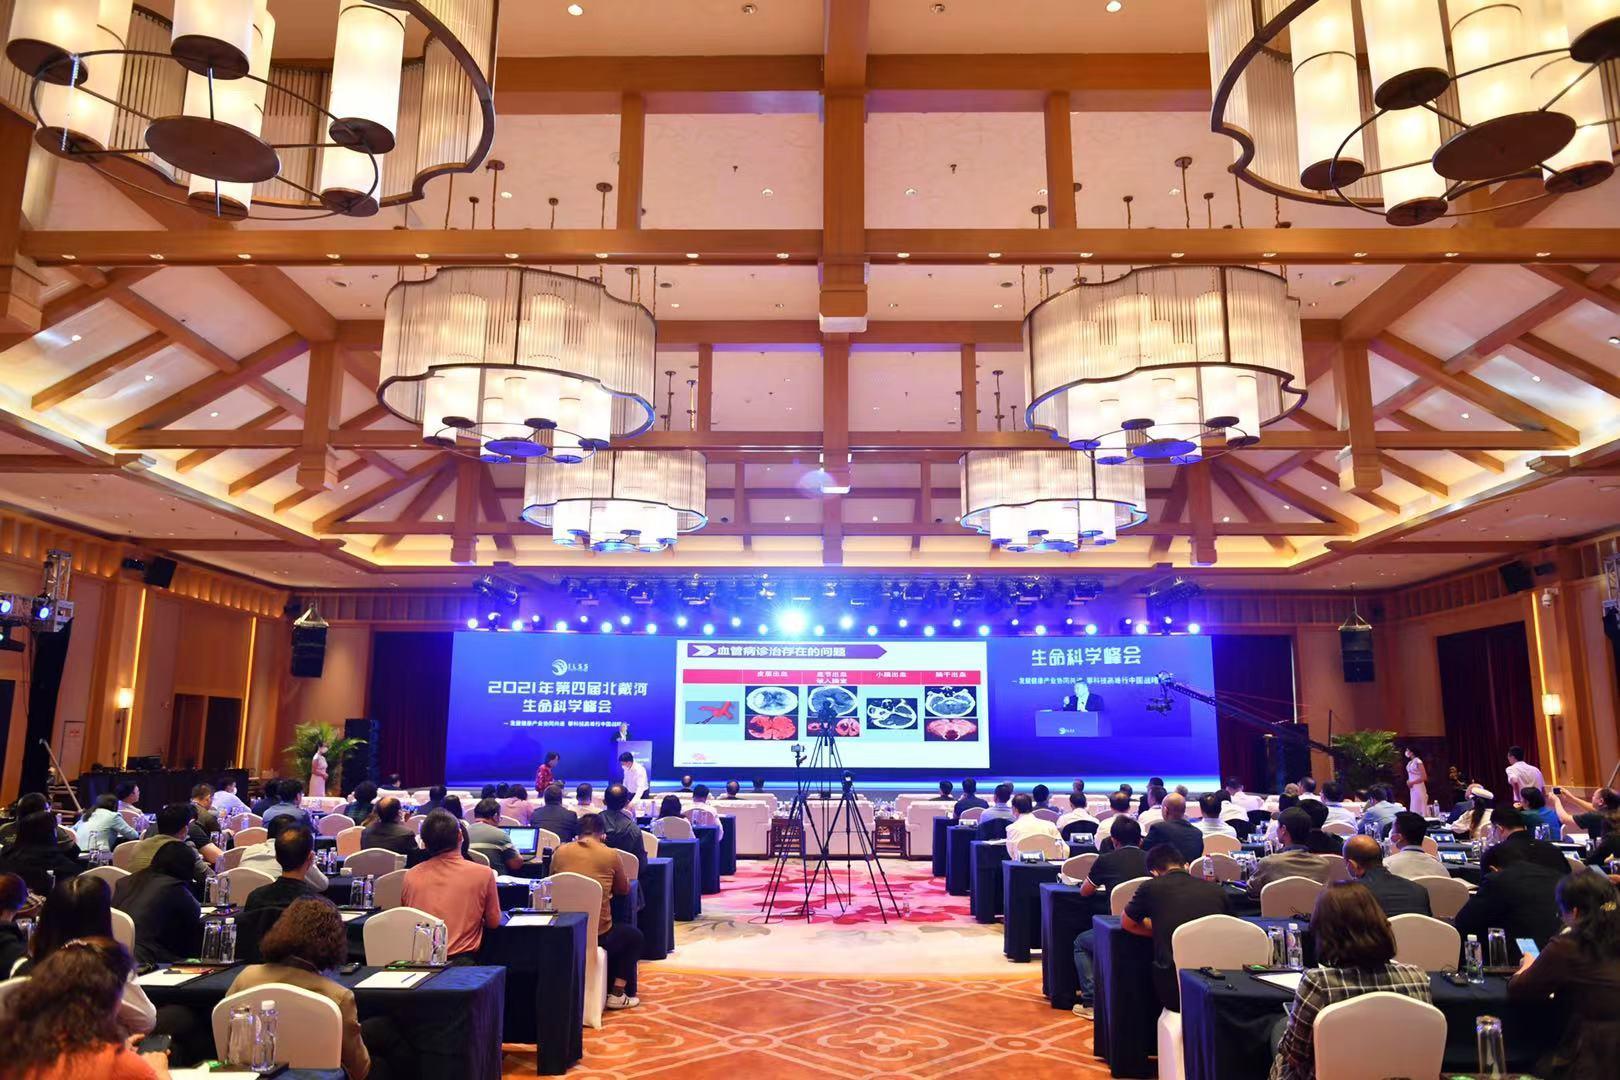 第四届北戴河生命科学峰会开幕